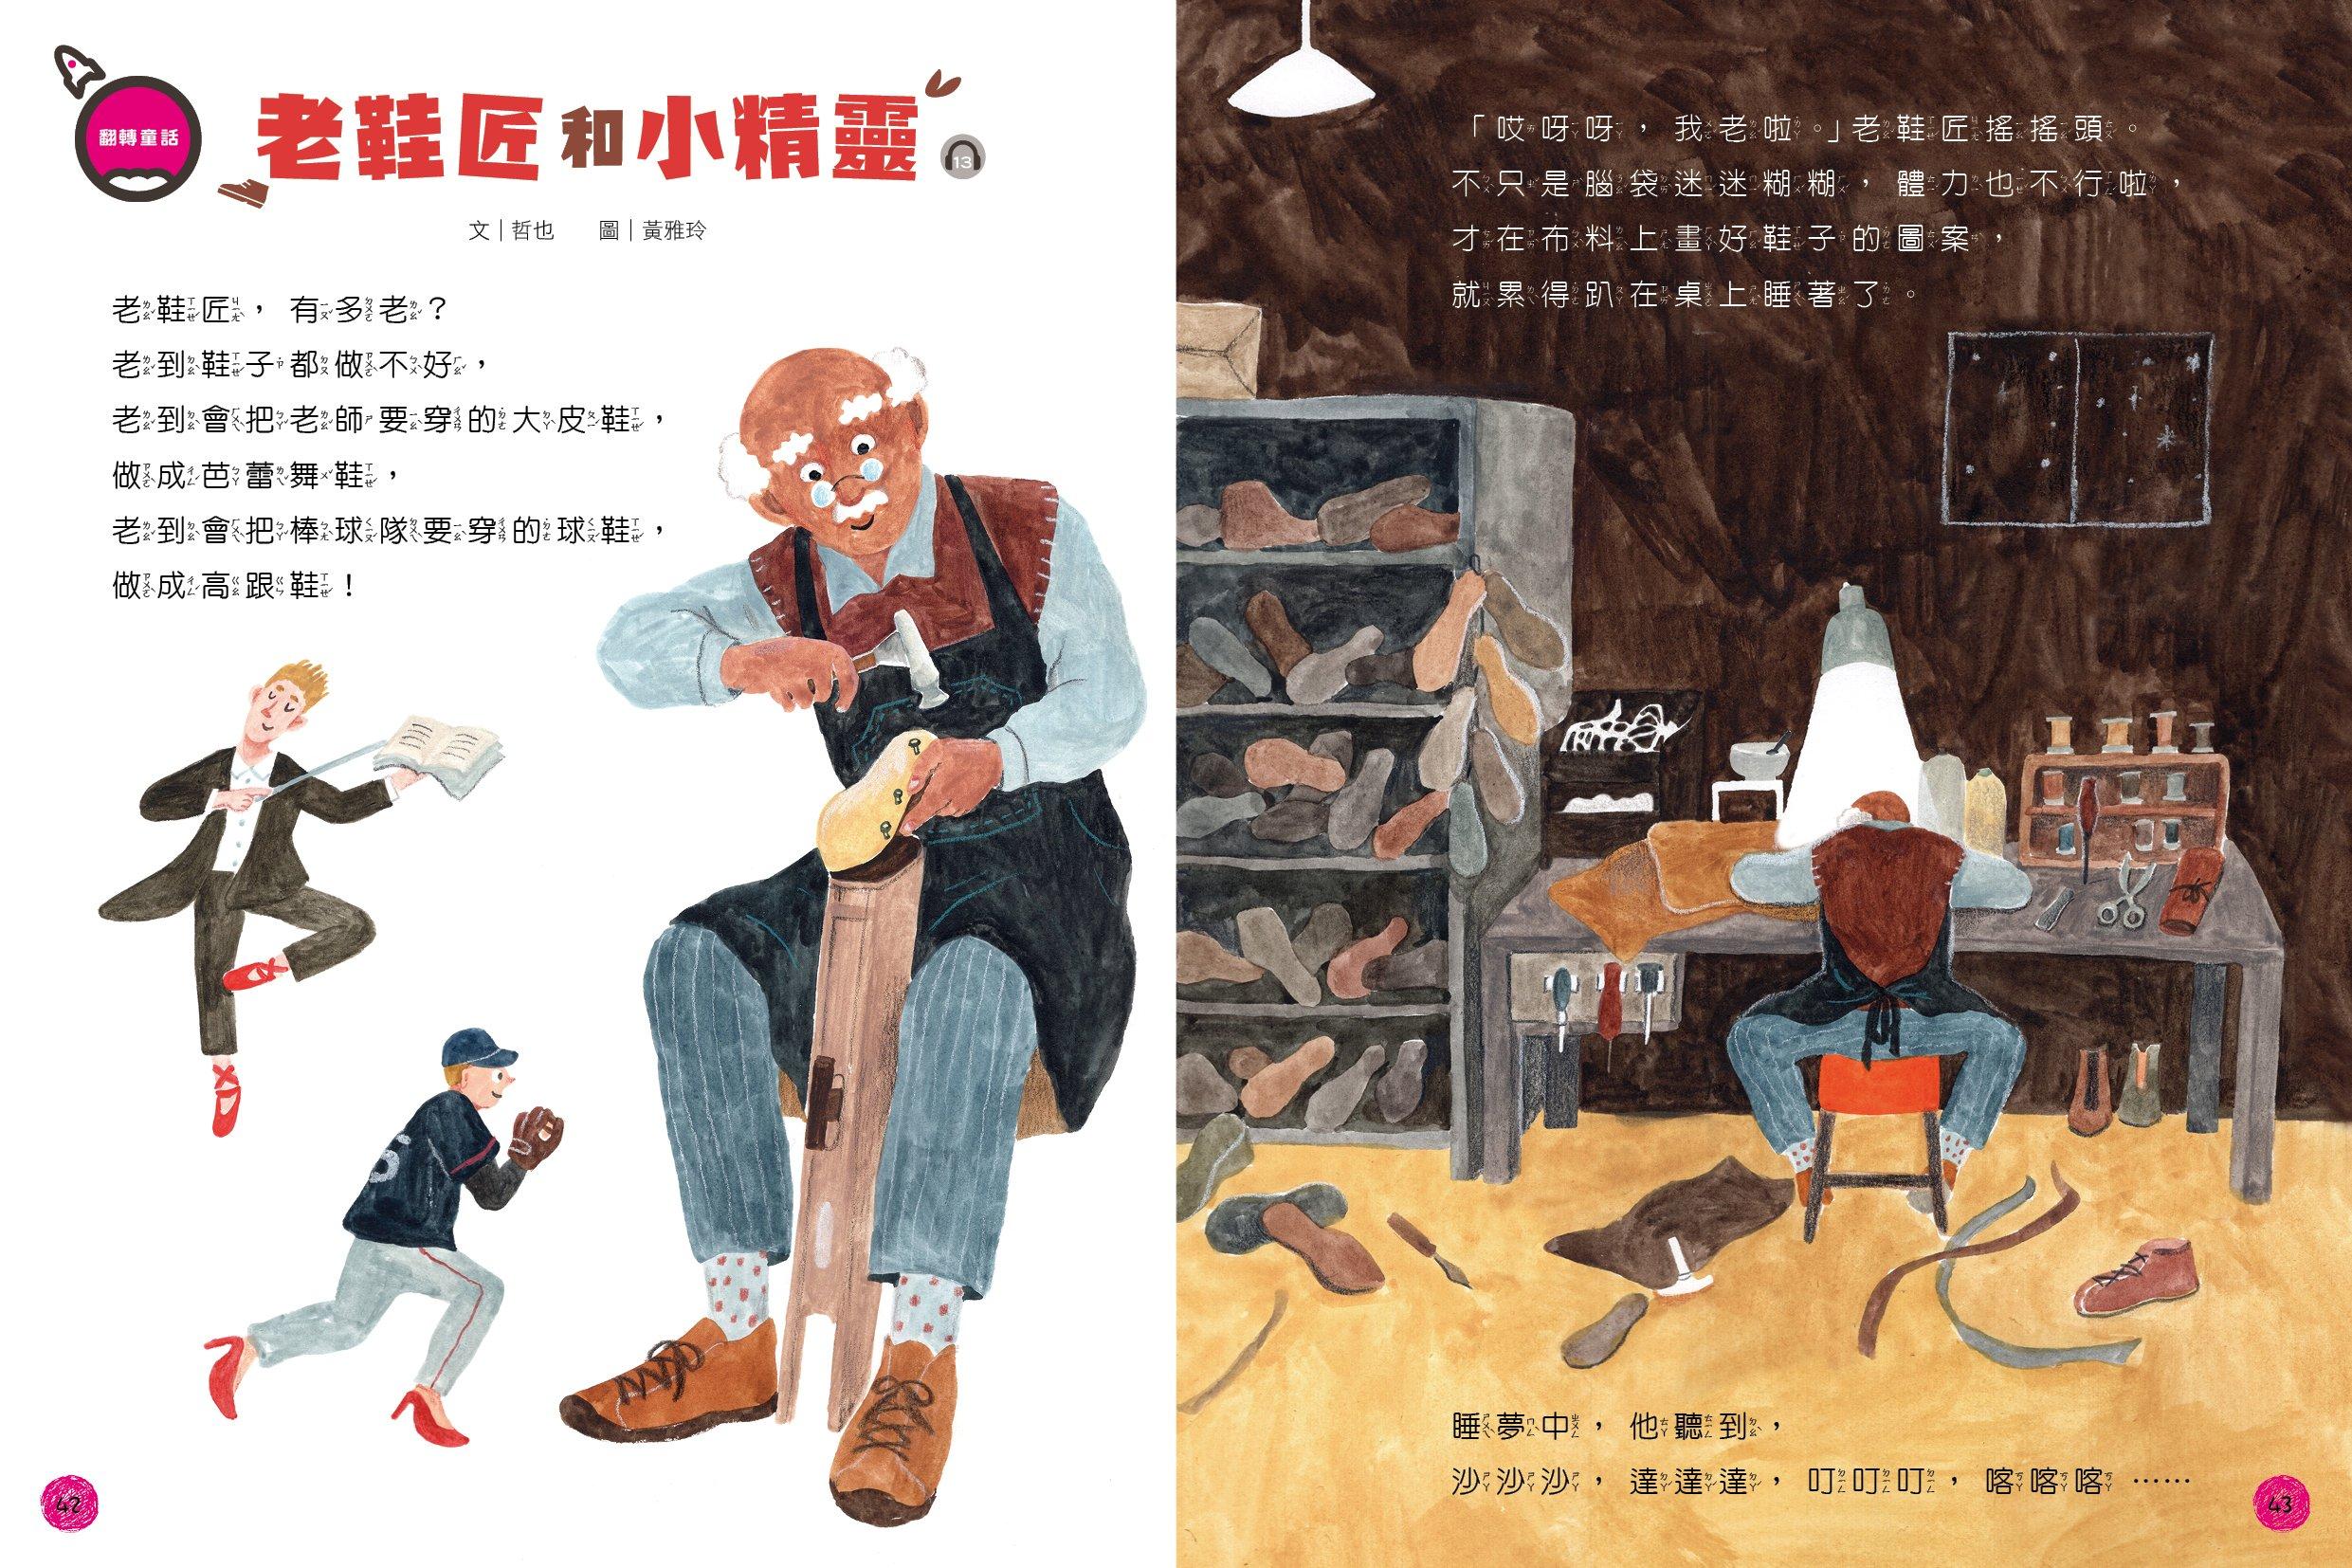 【小行星幼兒誌】翻轉童話:老鞋匠與小精靈